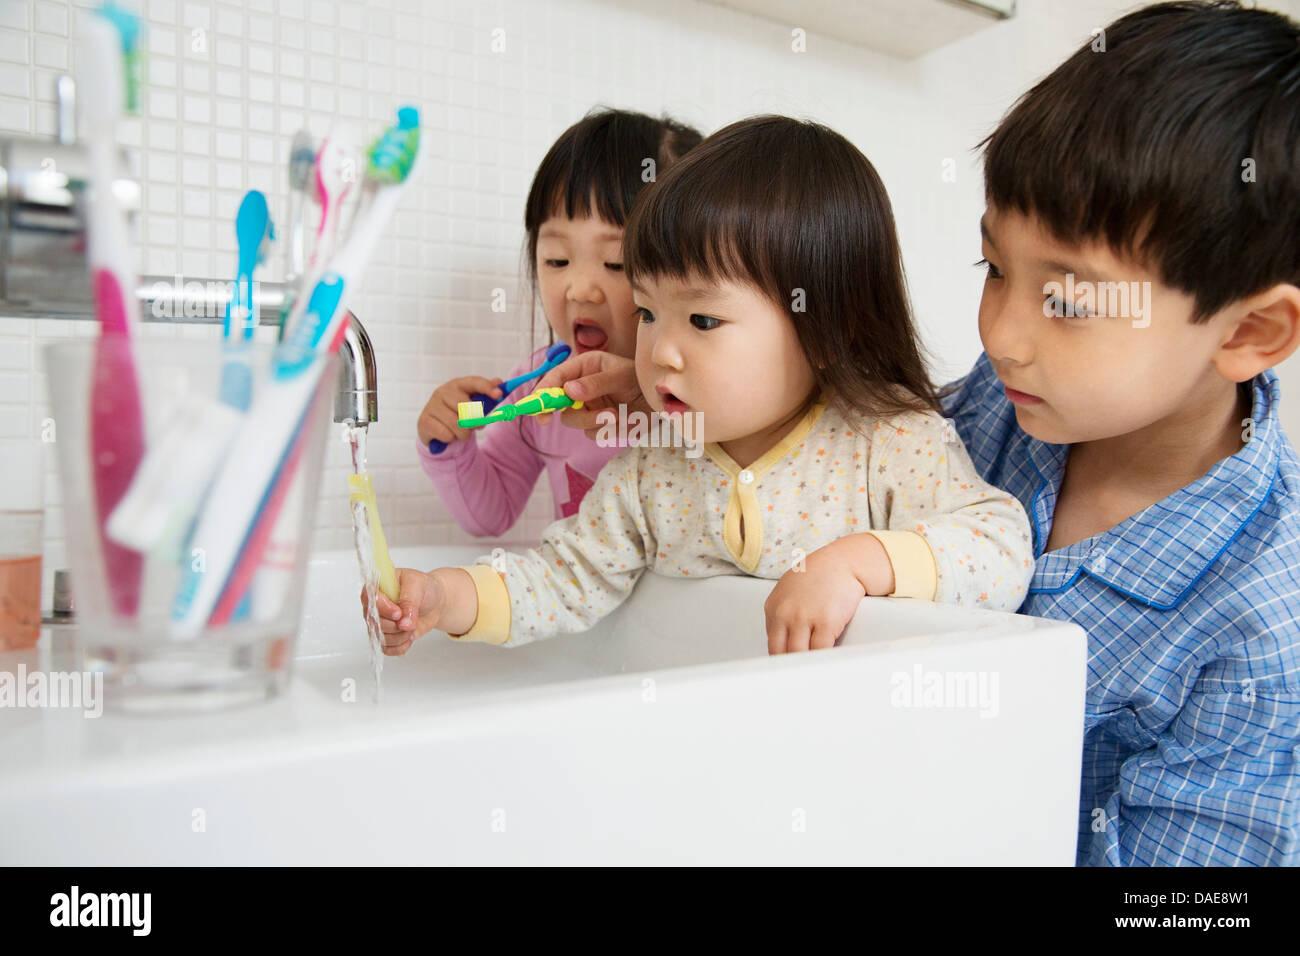 Bruder helfen, Schwestern, Zähne putzen Stockbild